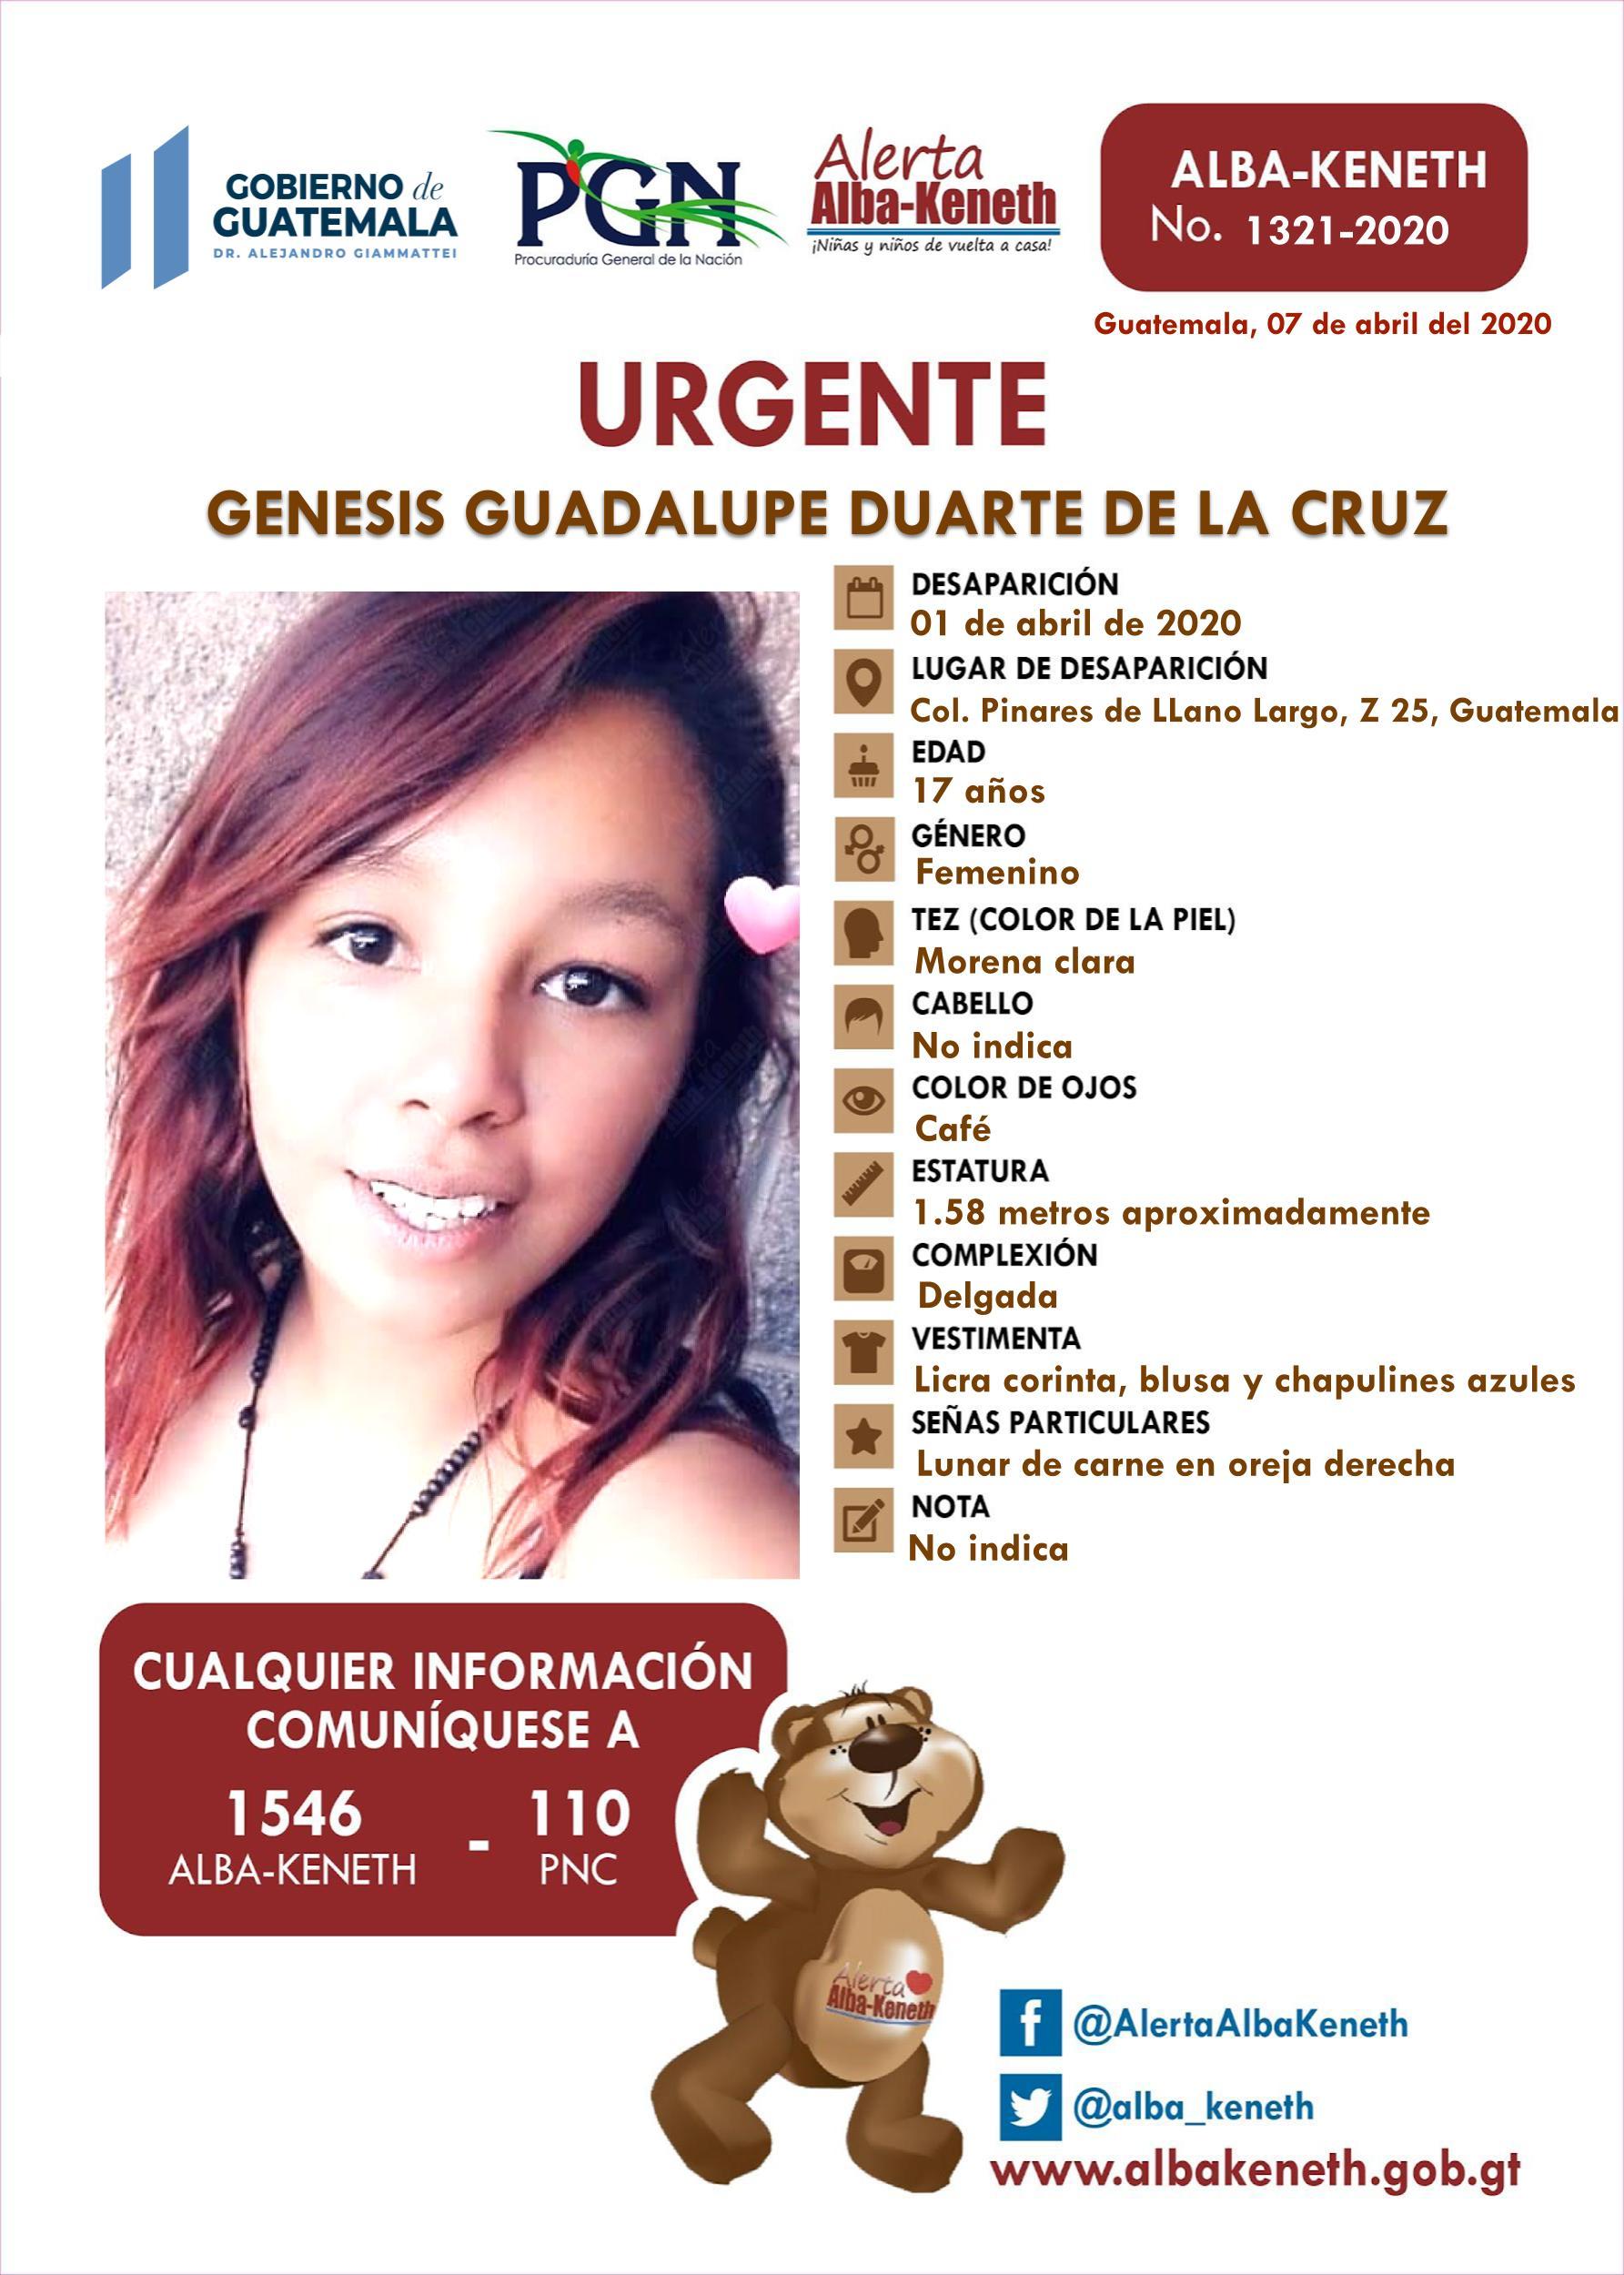 Genesis Guadalupe Duarte de la Cruz